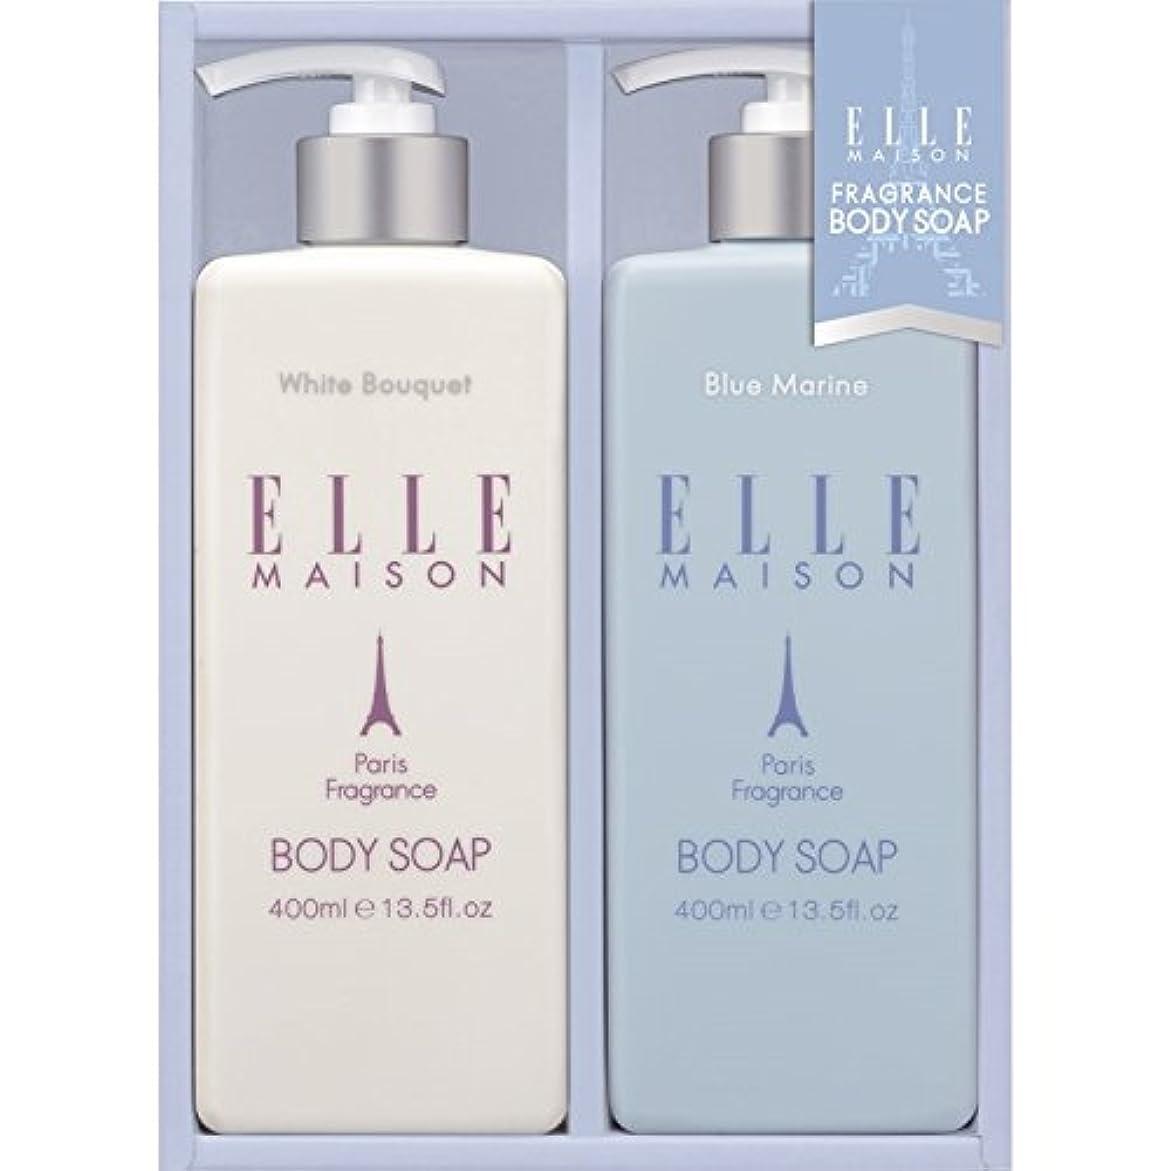 ELLE MAISON ボディソープギフト EBS-10 【保湿 いい匂い うるおい 液体 しっとり 良い香り やさしい 女性 贅沢 全身 美肌 詰め合わせ お風呂 バスタイム 洗う 美容】